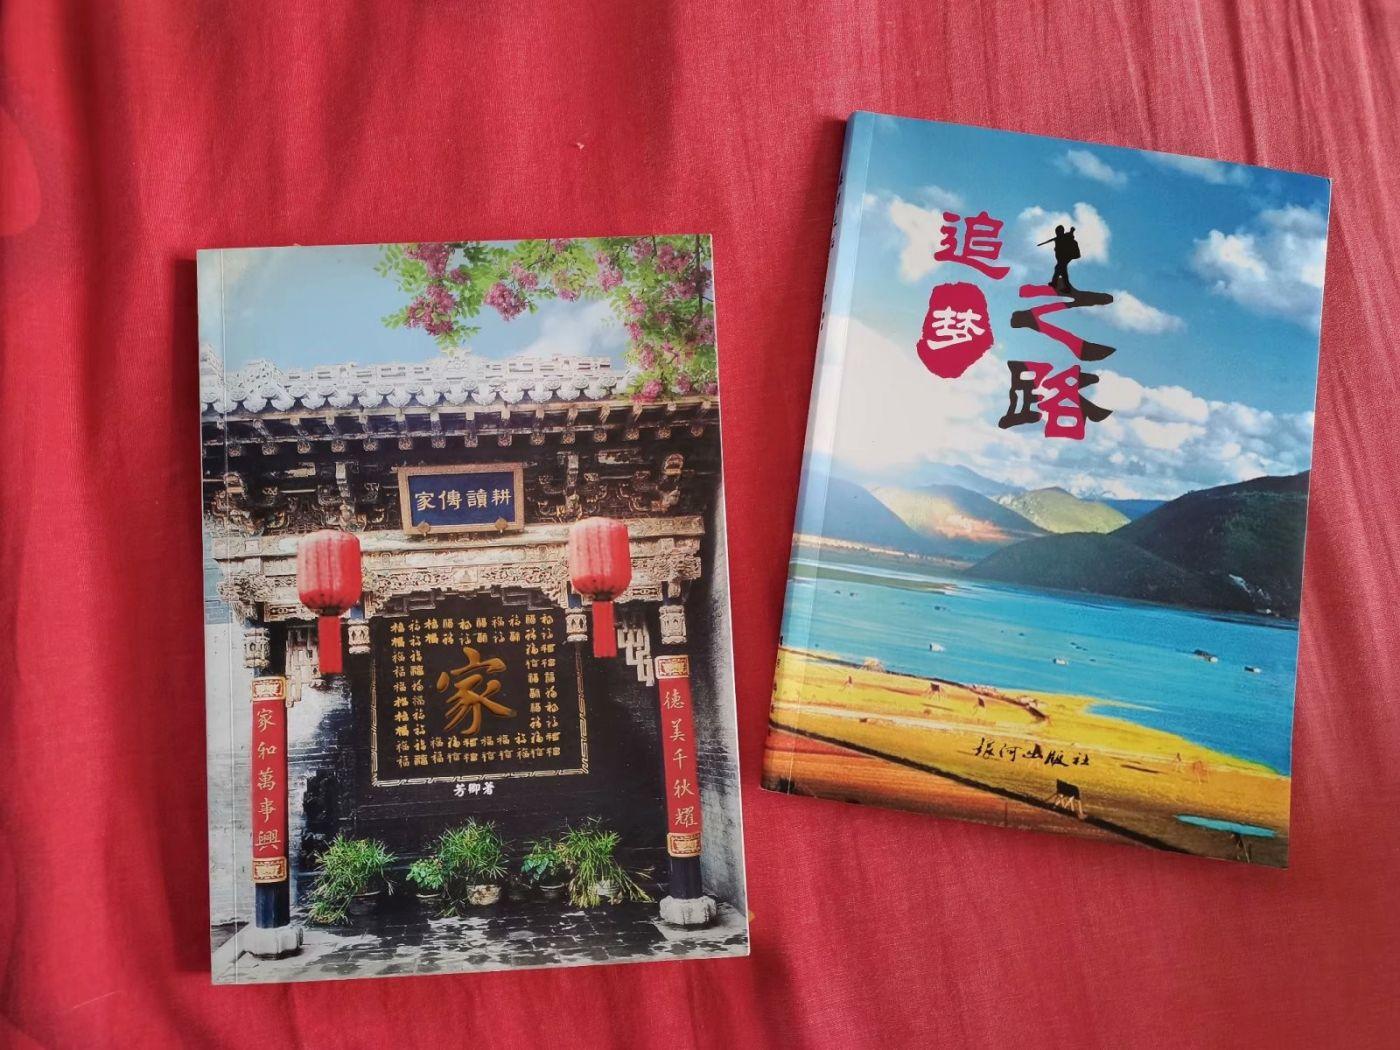 李婶儿的两本长篇小说《家》和《追梦之路》_图1-1